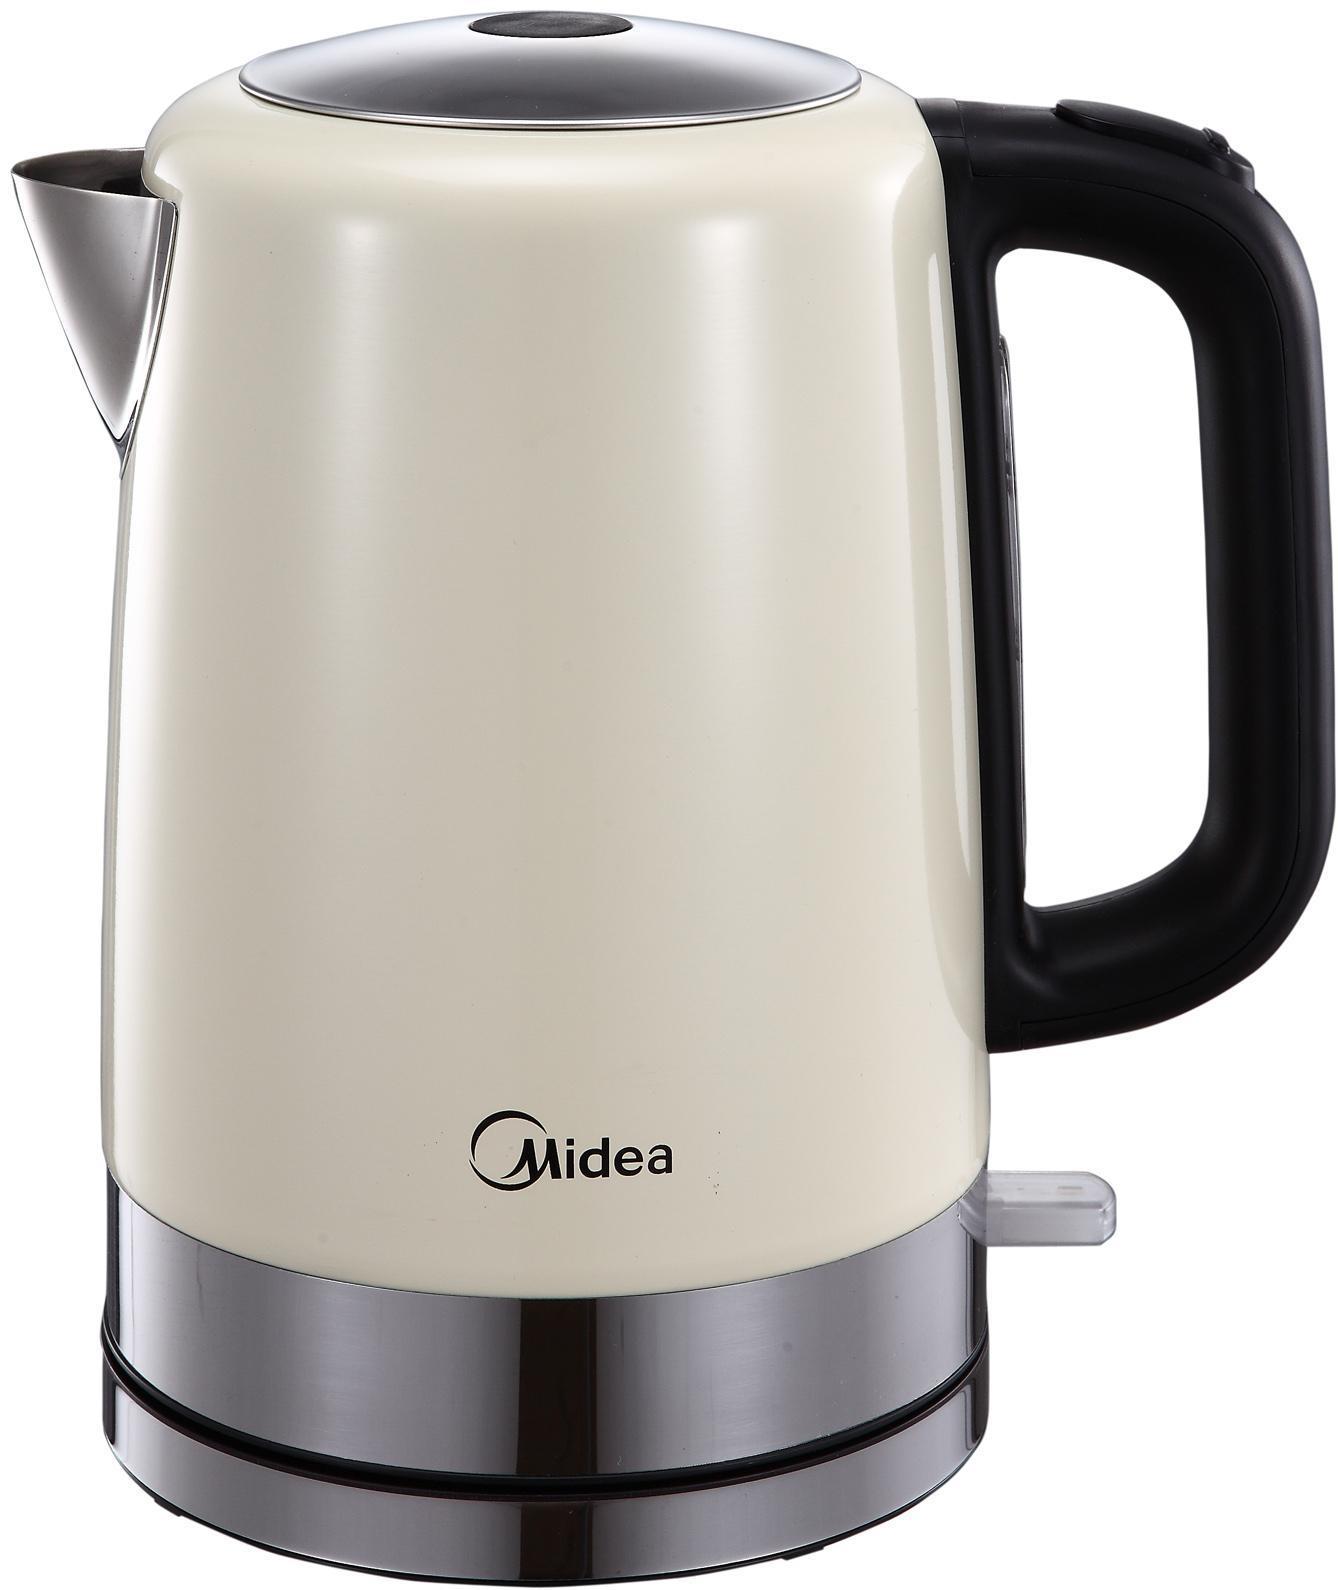 Midea MK-M317C2A-IV, Ivory электрический чайник